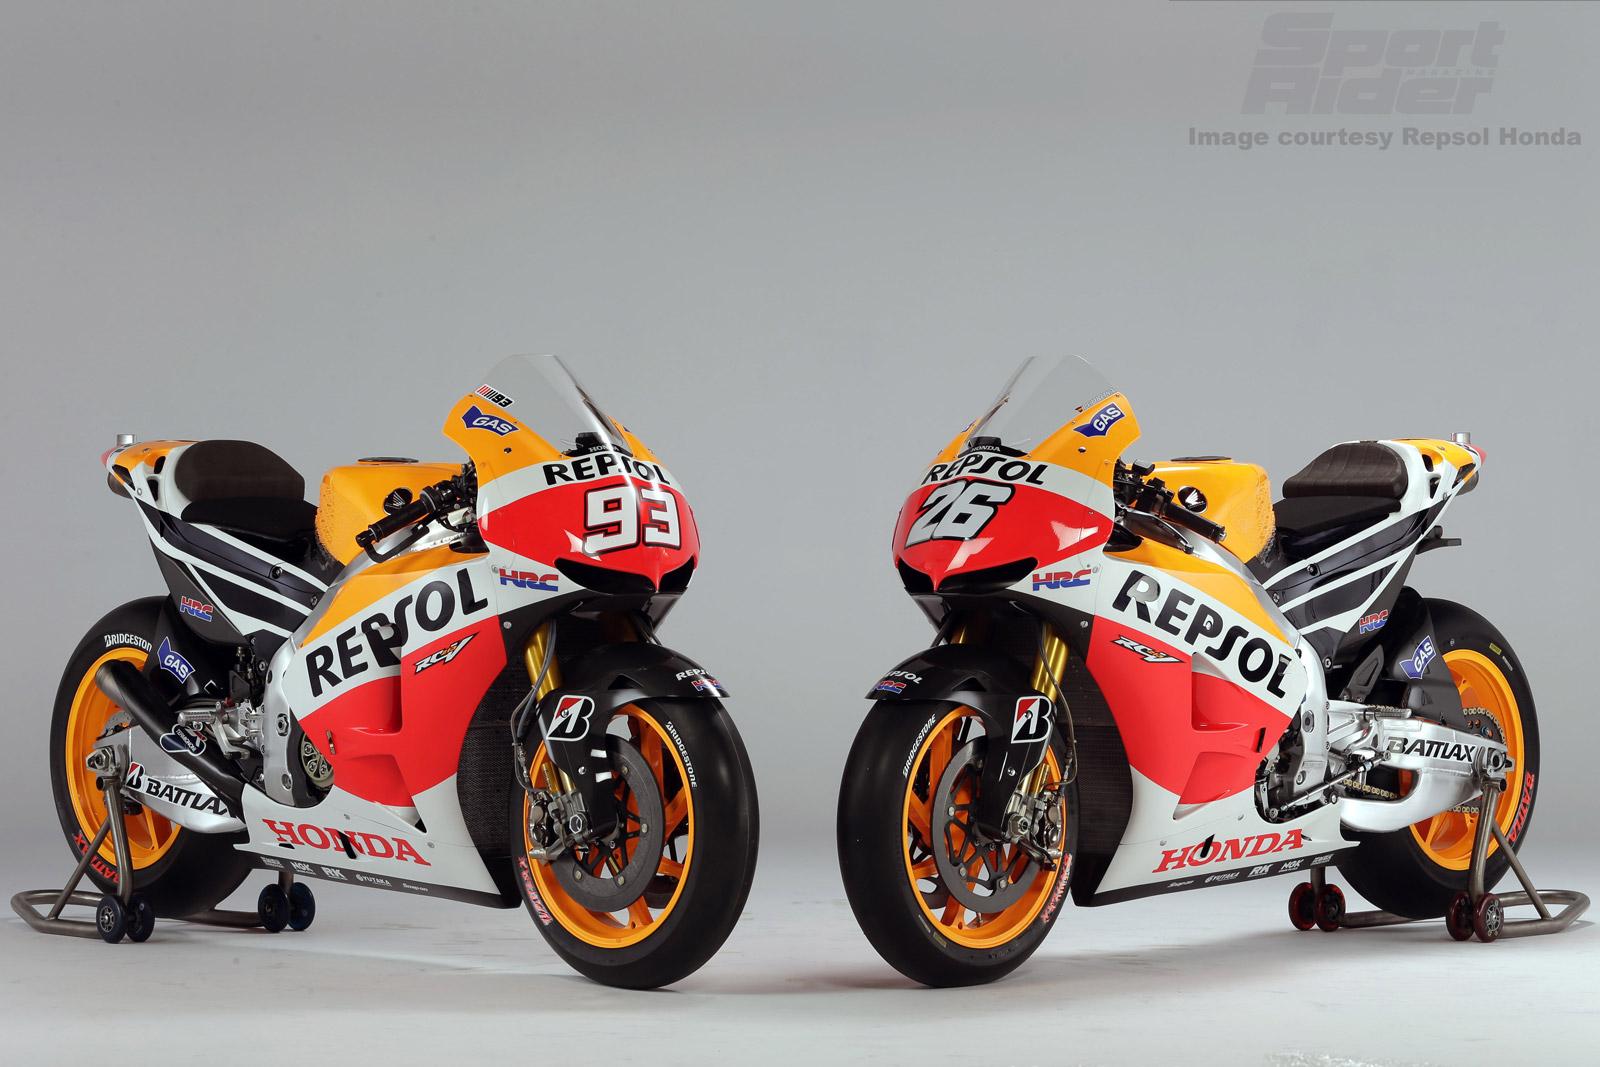 MotoGP 2013 Repsol Honda Bike Exclusive HD Wallpapers 1682 1600x1067